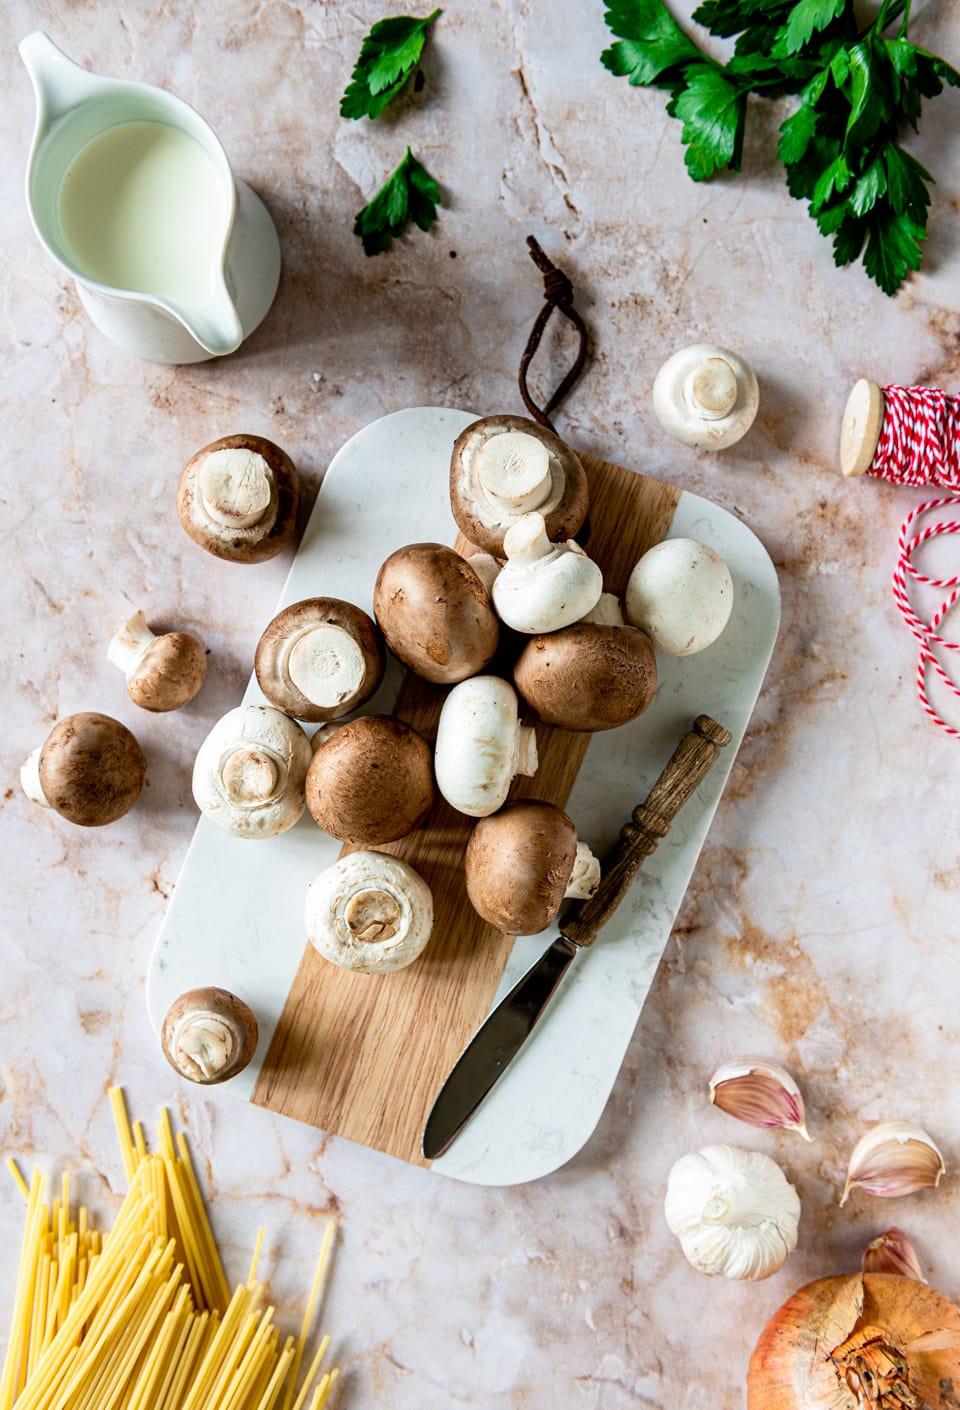 Spaghetti champignons roomsaus ingredienten